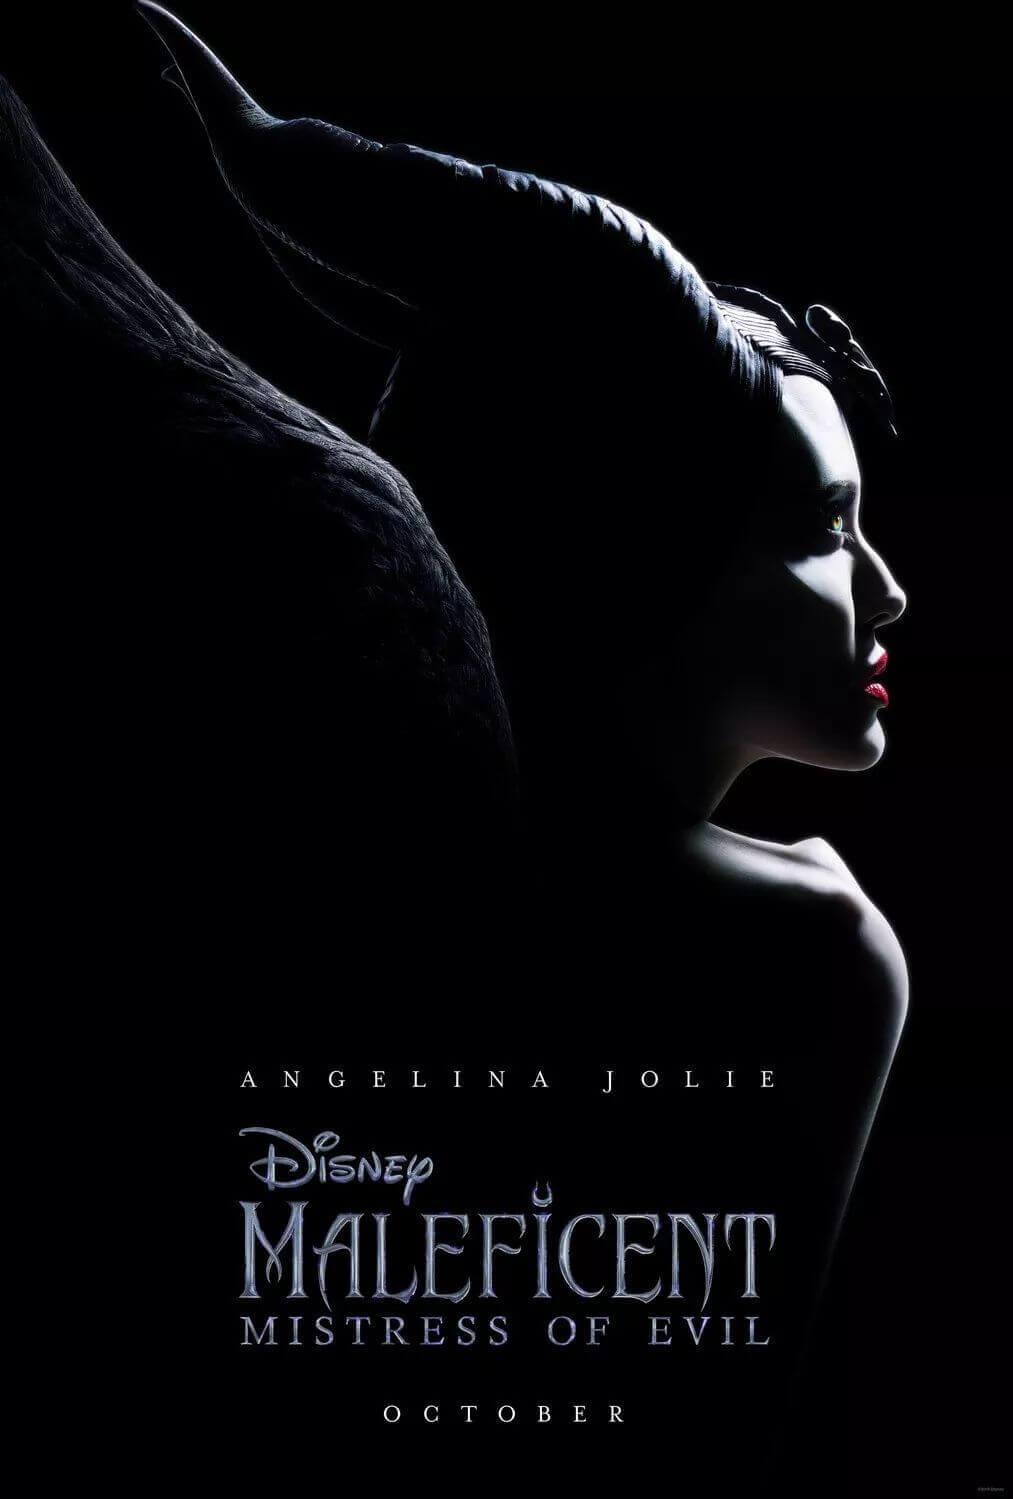 盘点电影海报设计案例 影片的高级质感通过海报展现